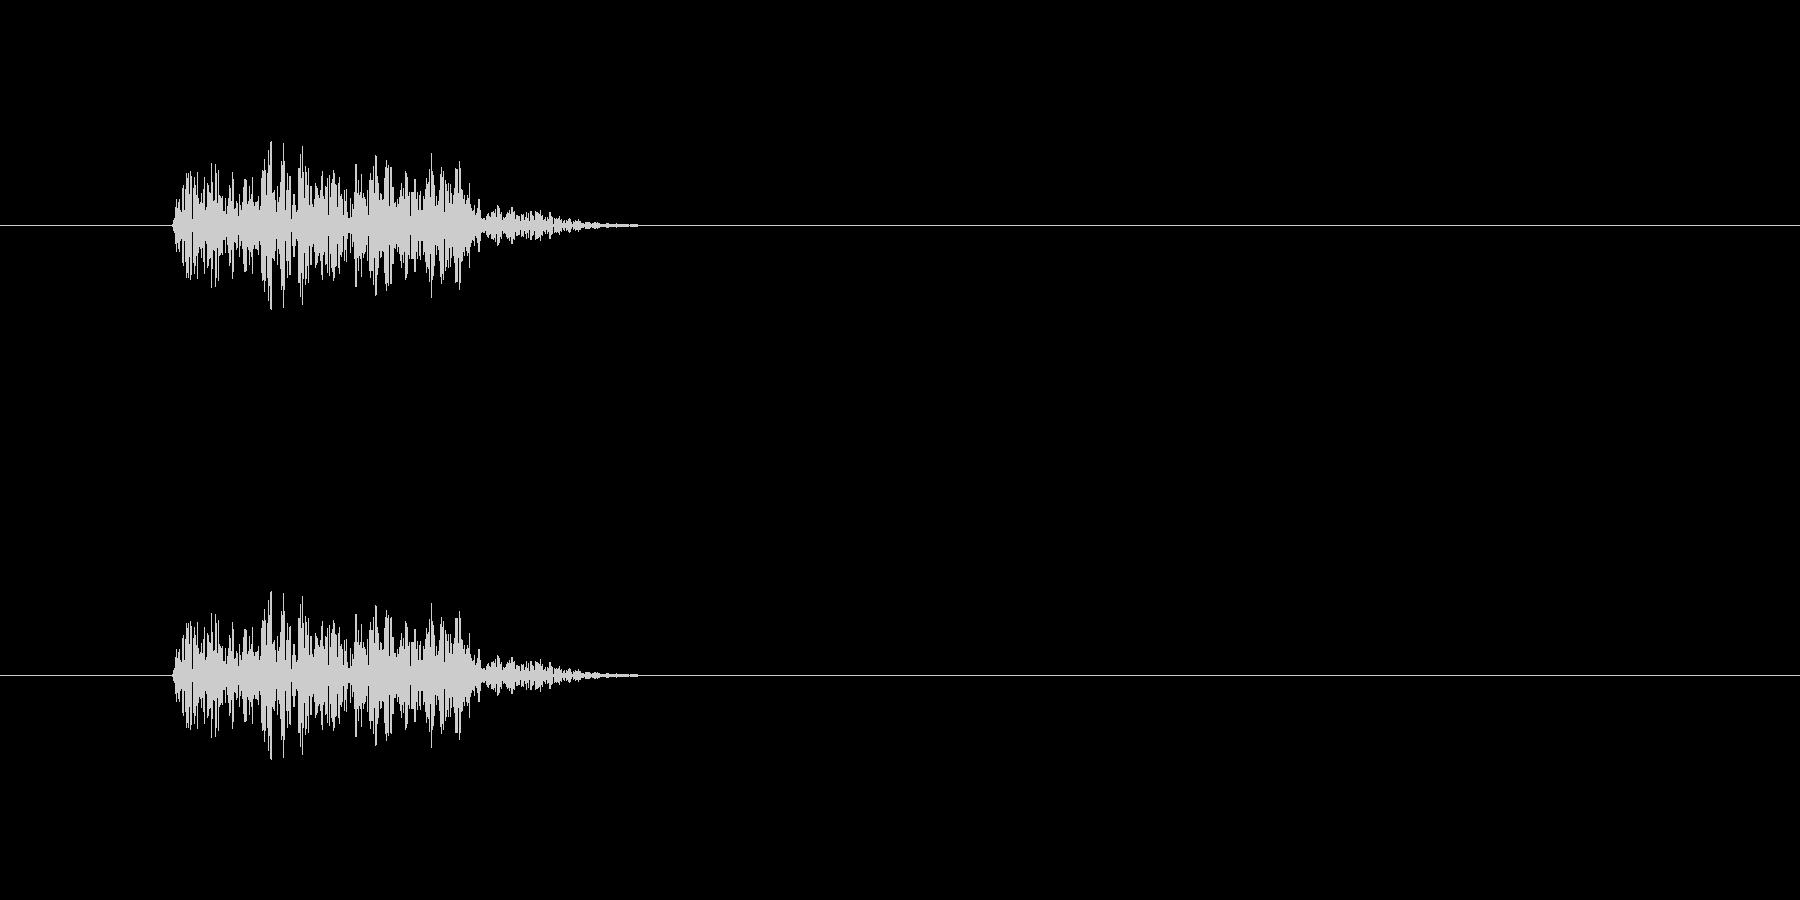 敵の行動時に流れそうな効果音の未再生の波形